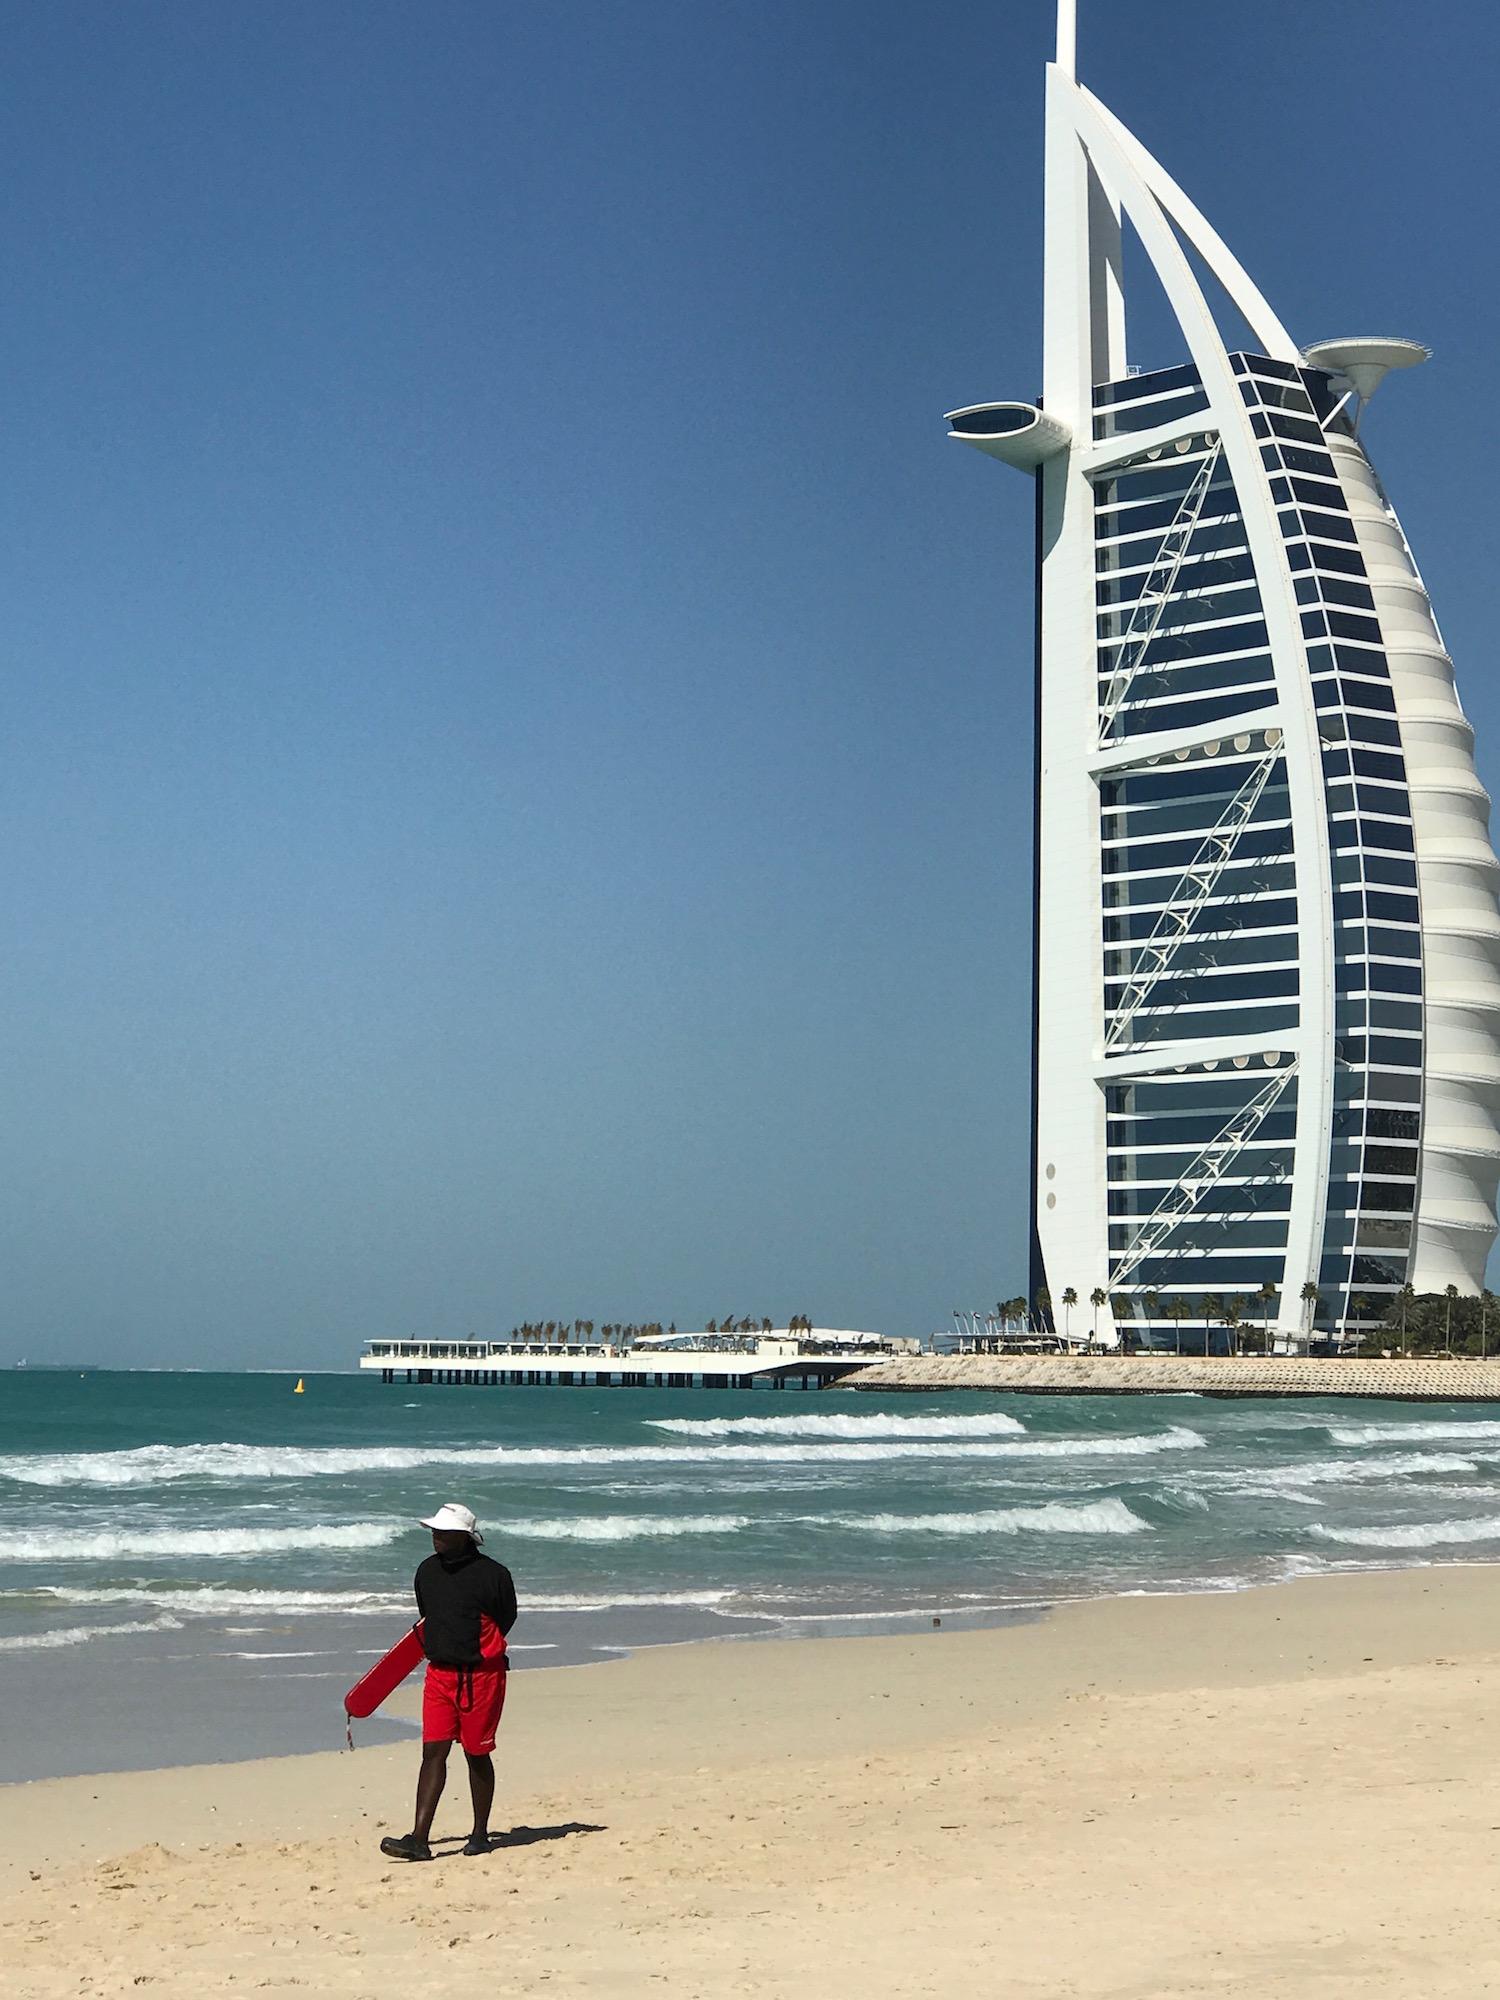 Lifeguard at Jumeirah Beach, Dubai